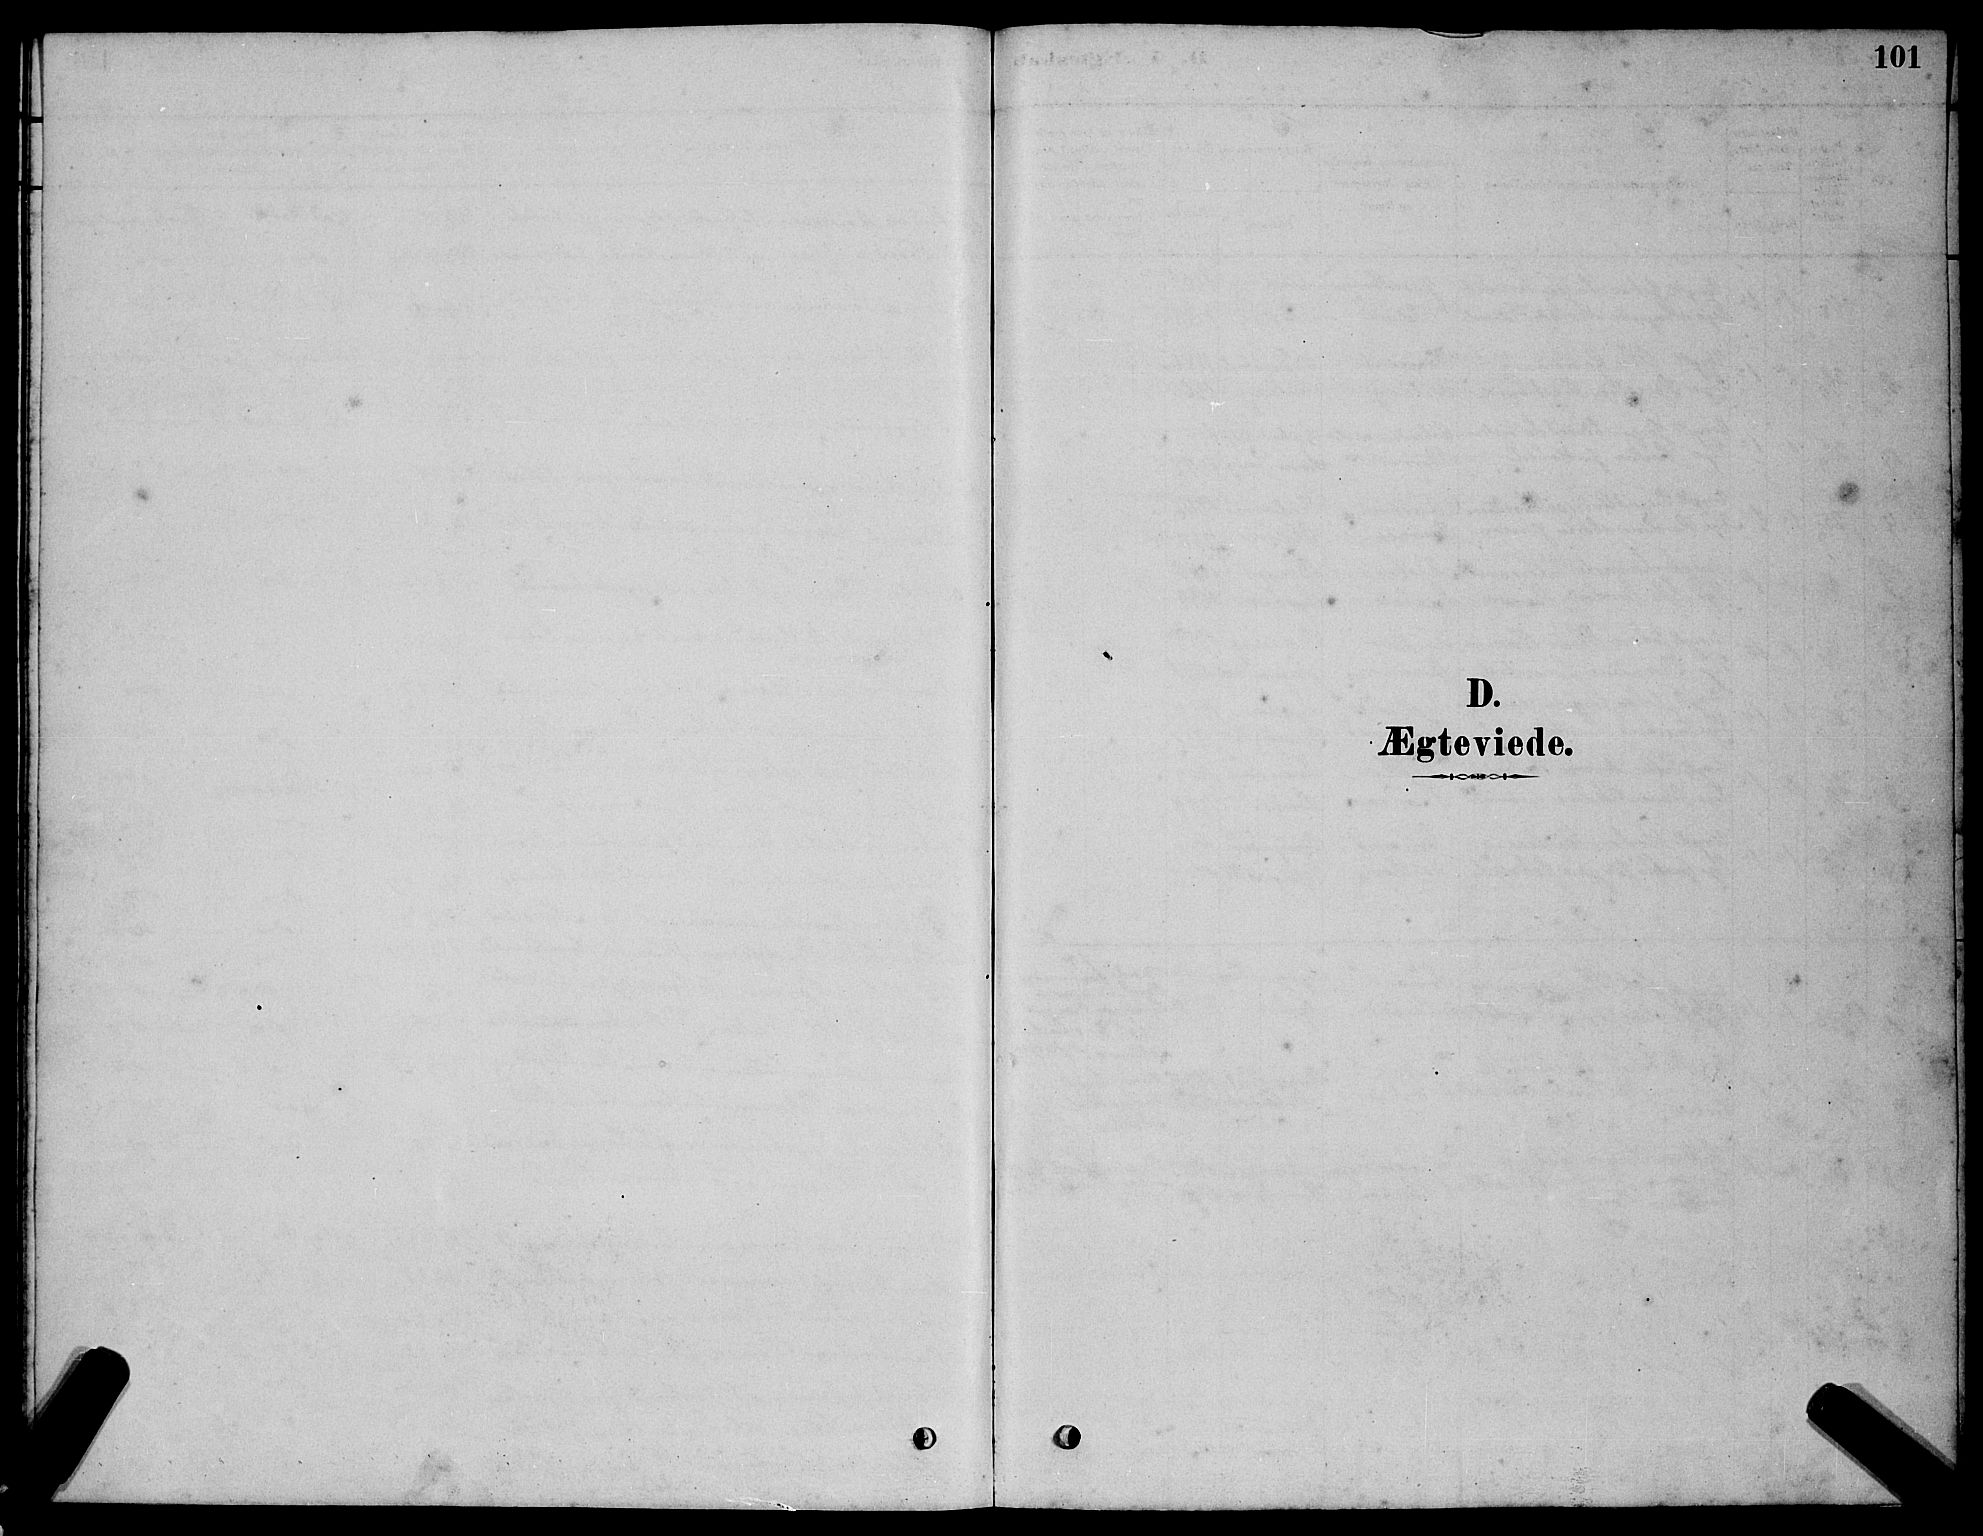 SAT, Ministerialprotokoller, klokkerbøker og fødselsregistre - Sør-Trøndelag, 654/L0665: Klokkerbok nr. 654C01, 1879-1901, s. 101